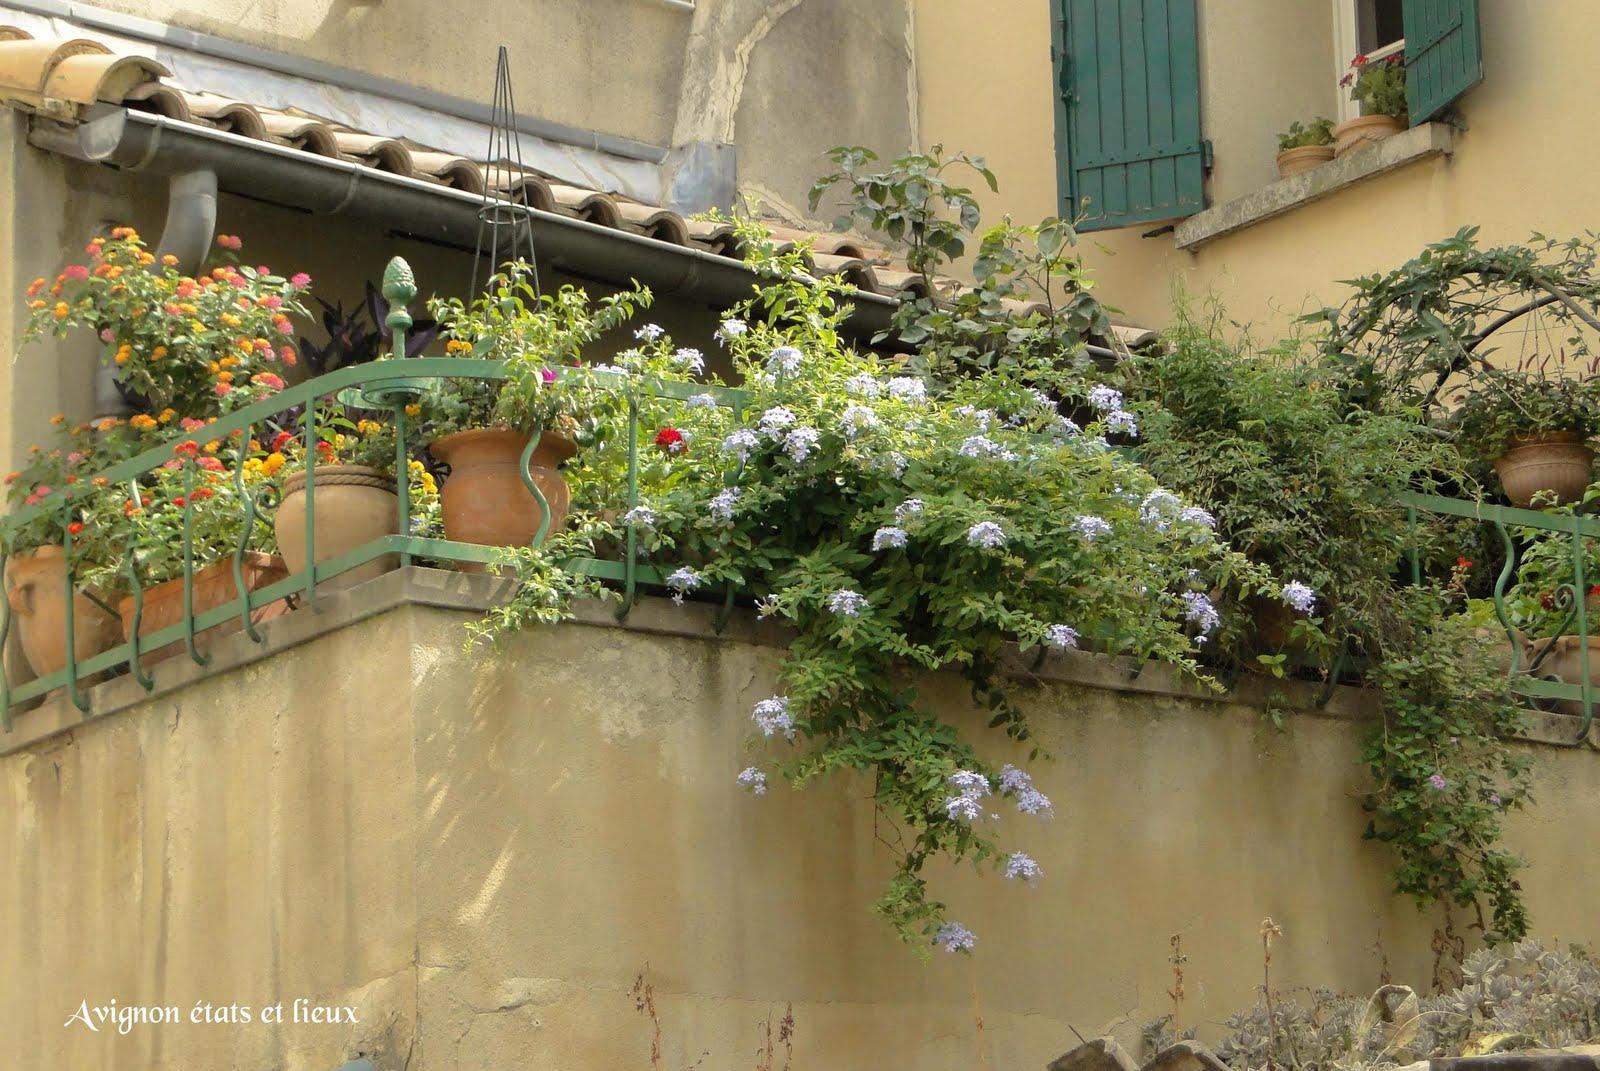 Impressions d'Avignon: Balcon fleuri